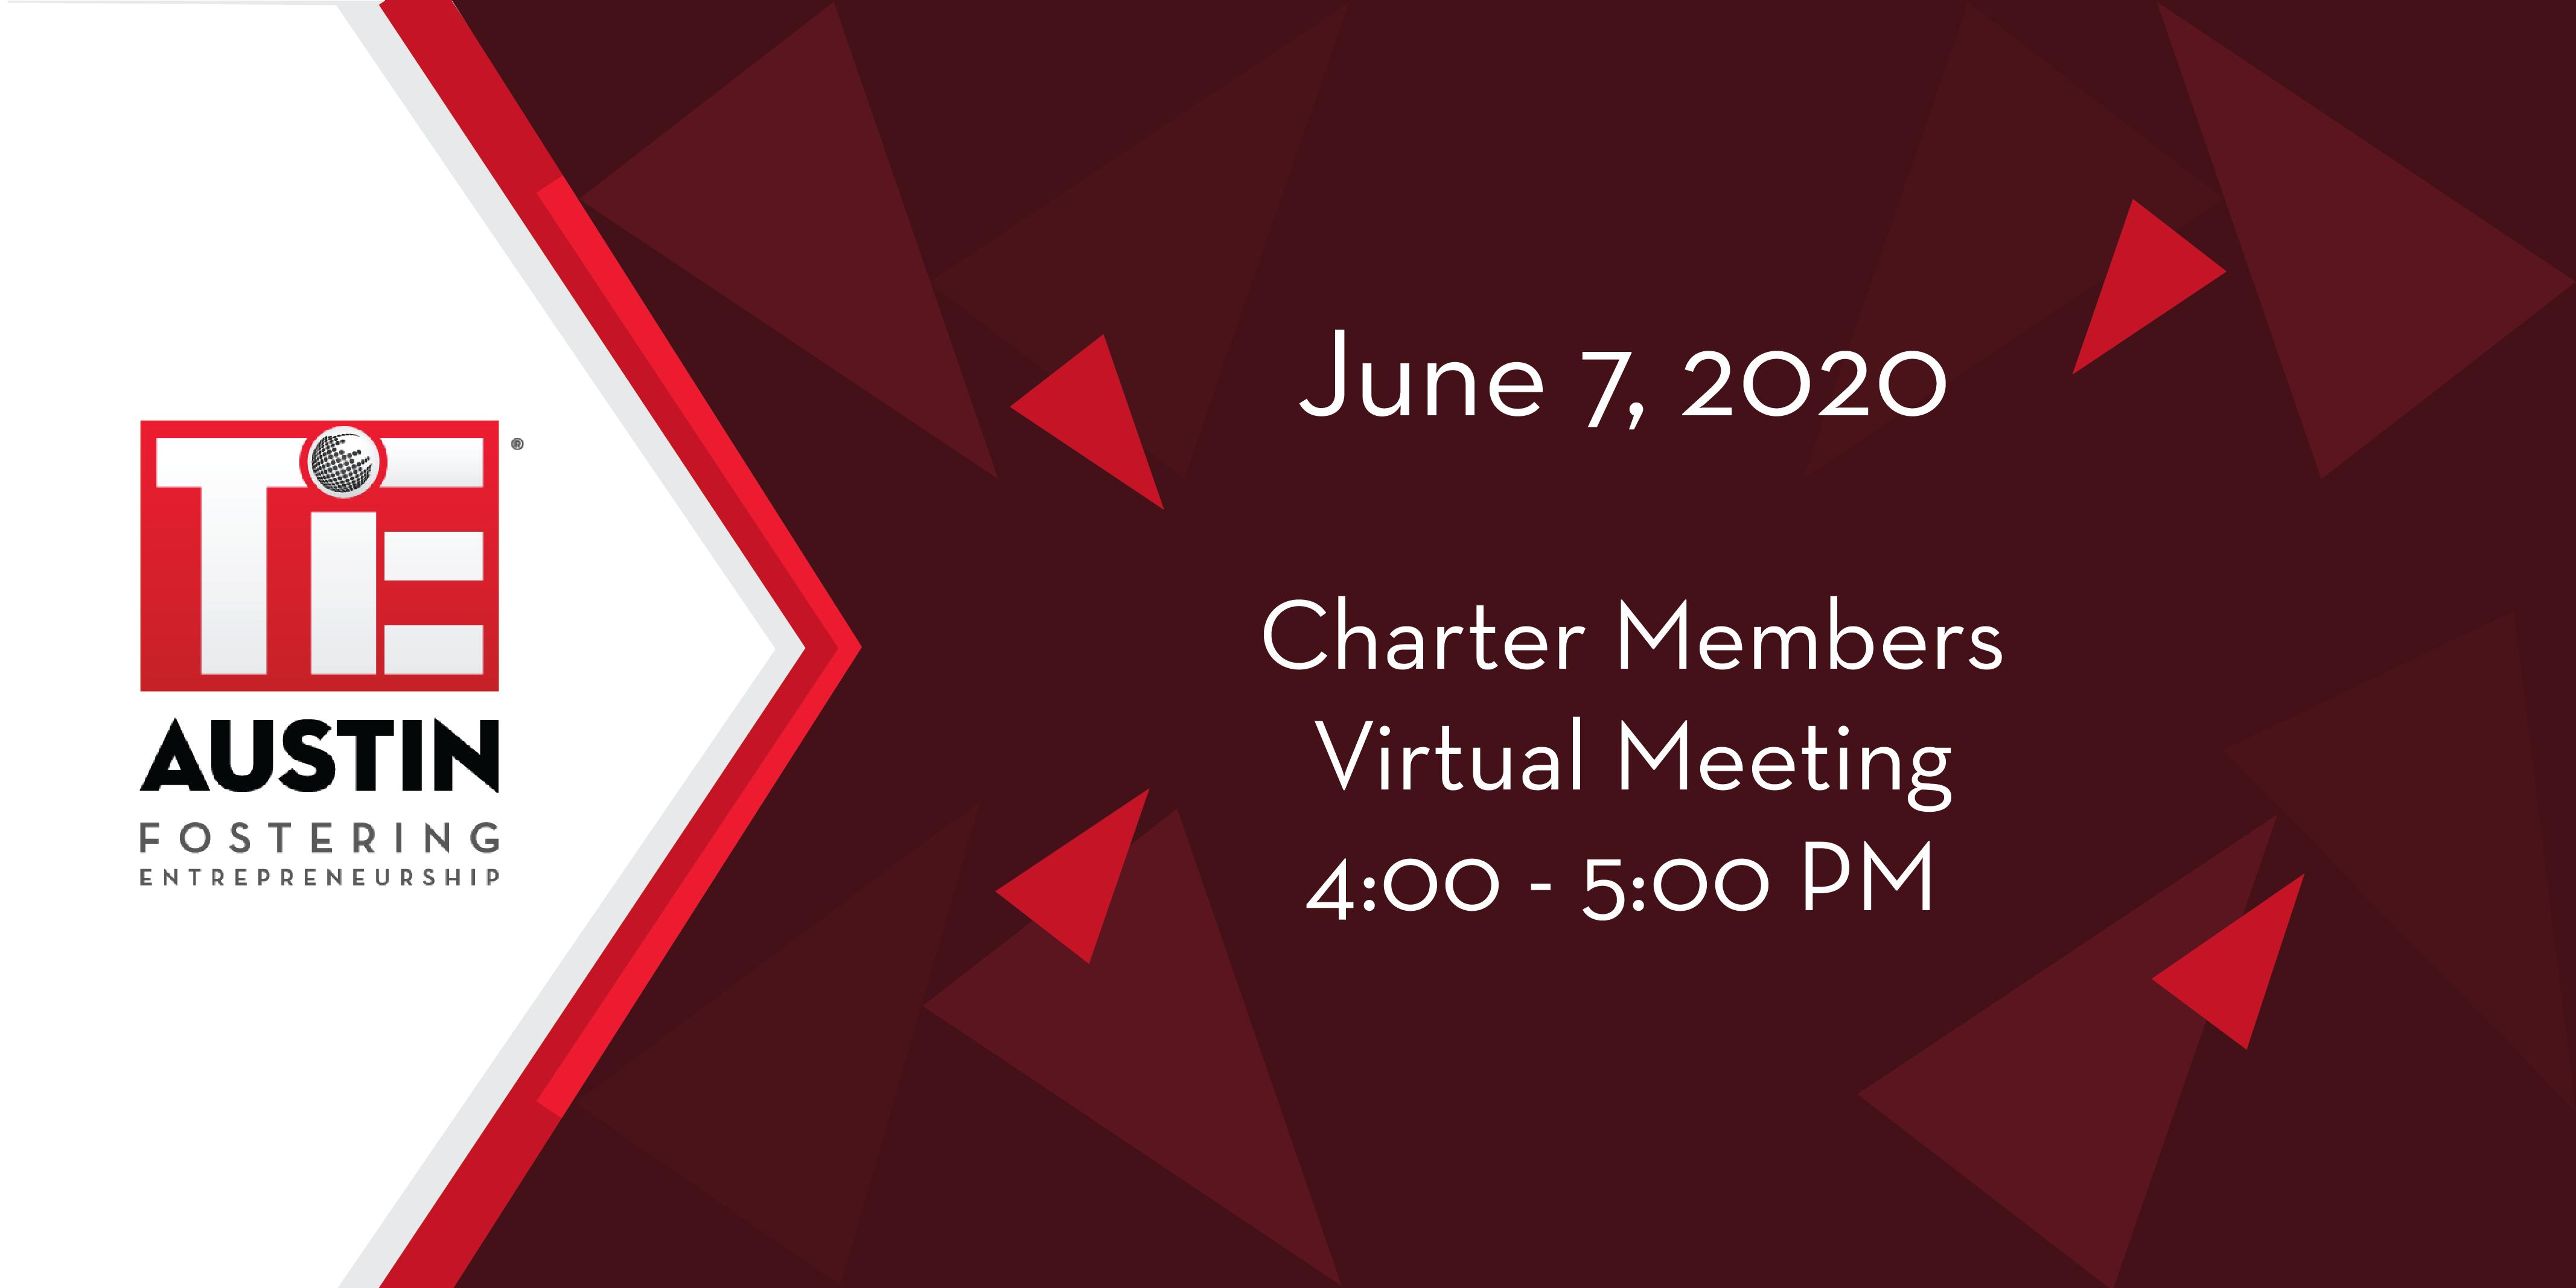 Charter Member Meeting